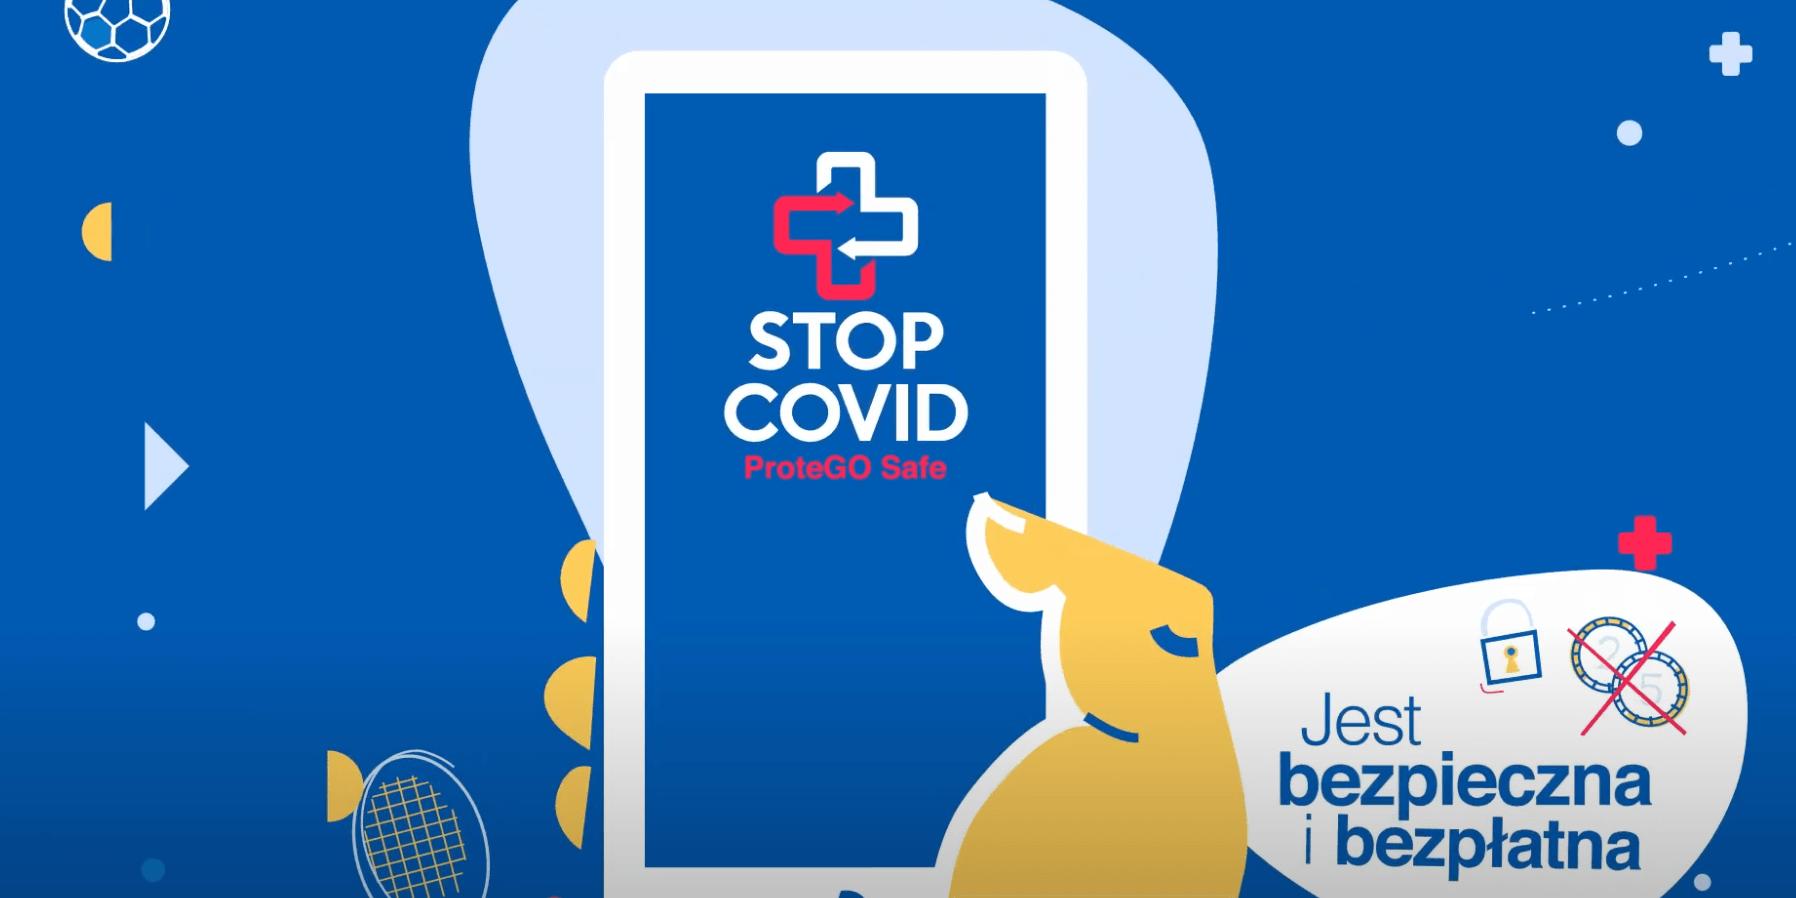 В Польше запустили приложение, помогающее бороться с распространением коронавируса - UniverPL